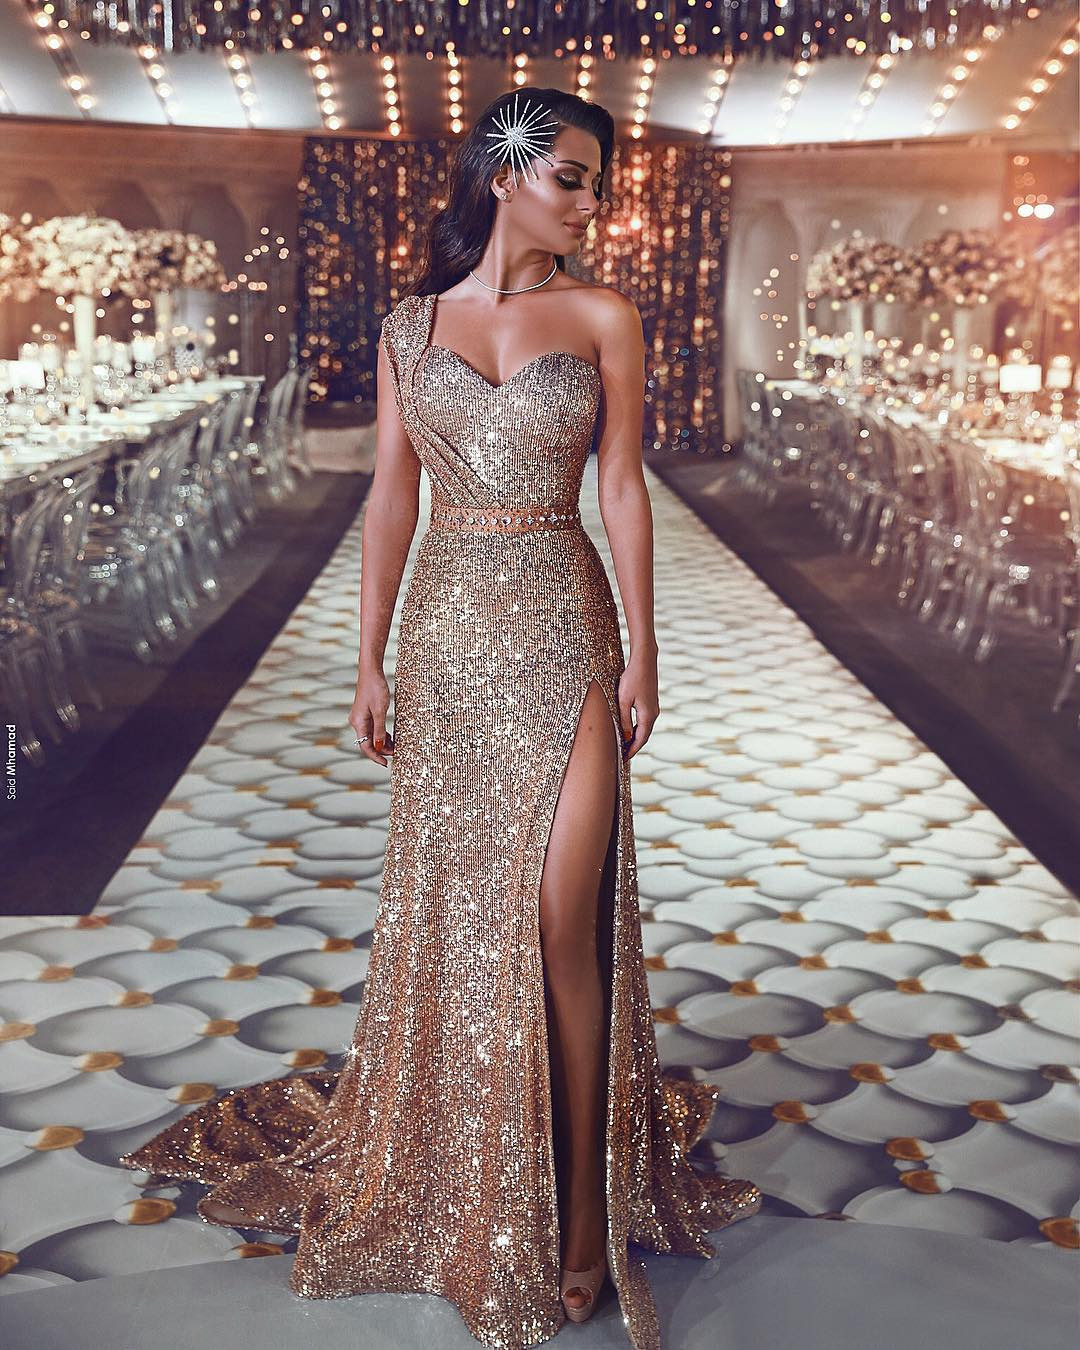 15 Schön Luxus Abend Kleider VertriebDesigner Perfekt Luxus Abend Kleider Vertrieb